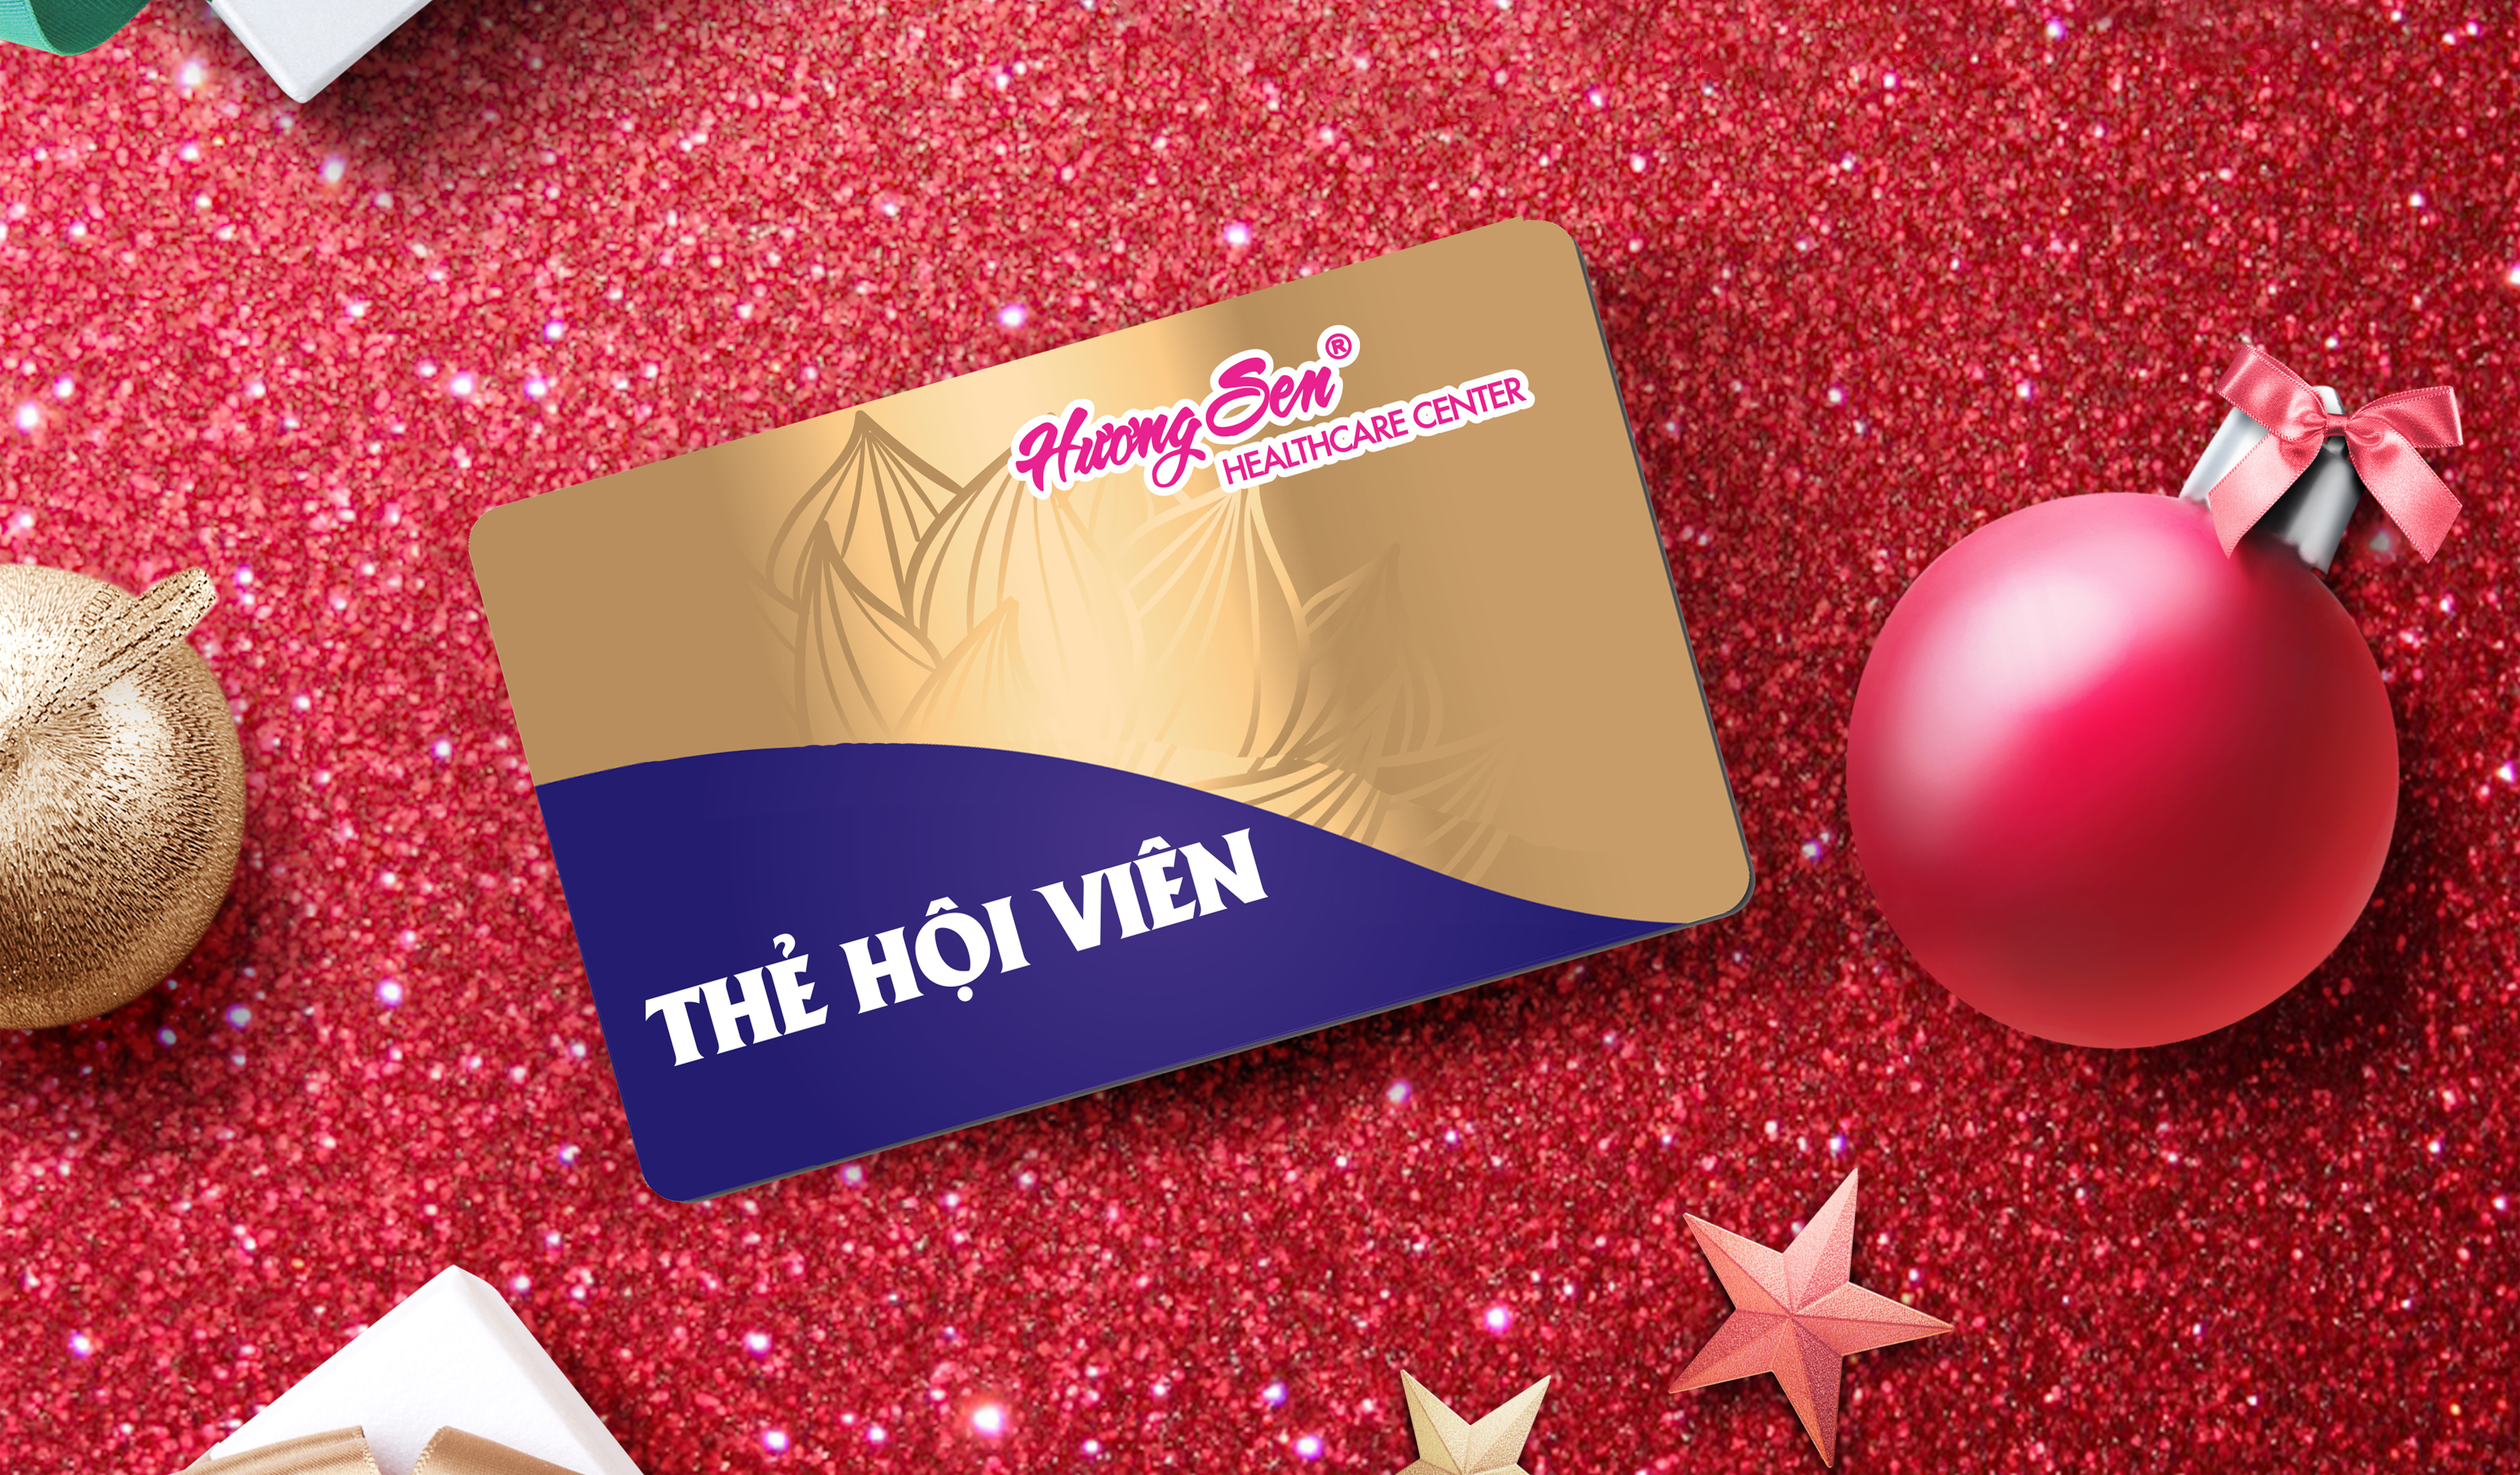 huong-sen-member-card